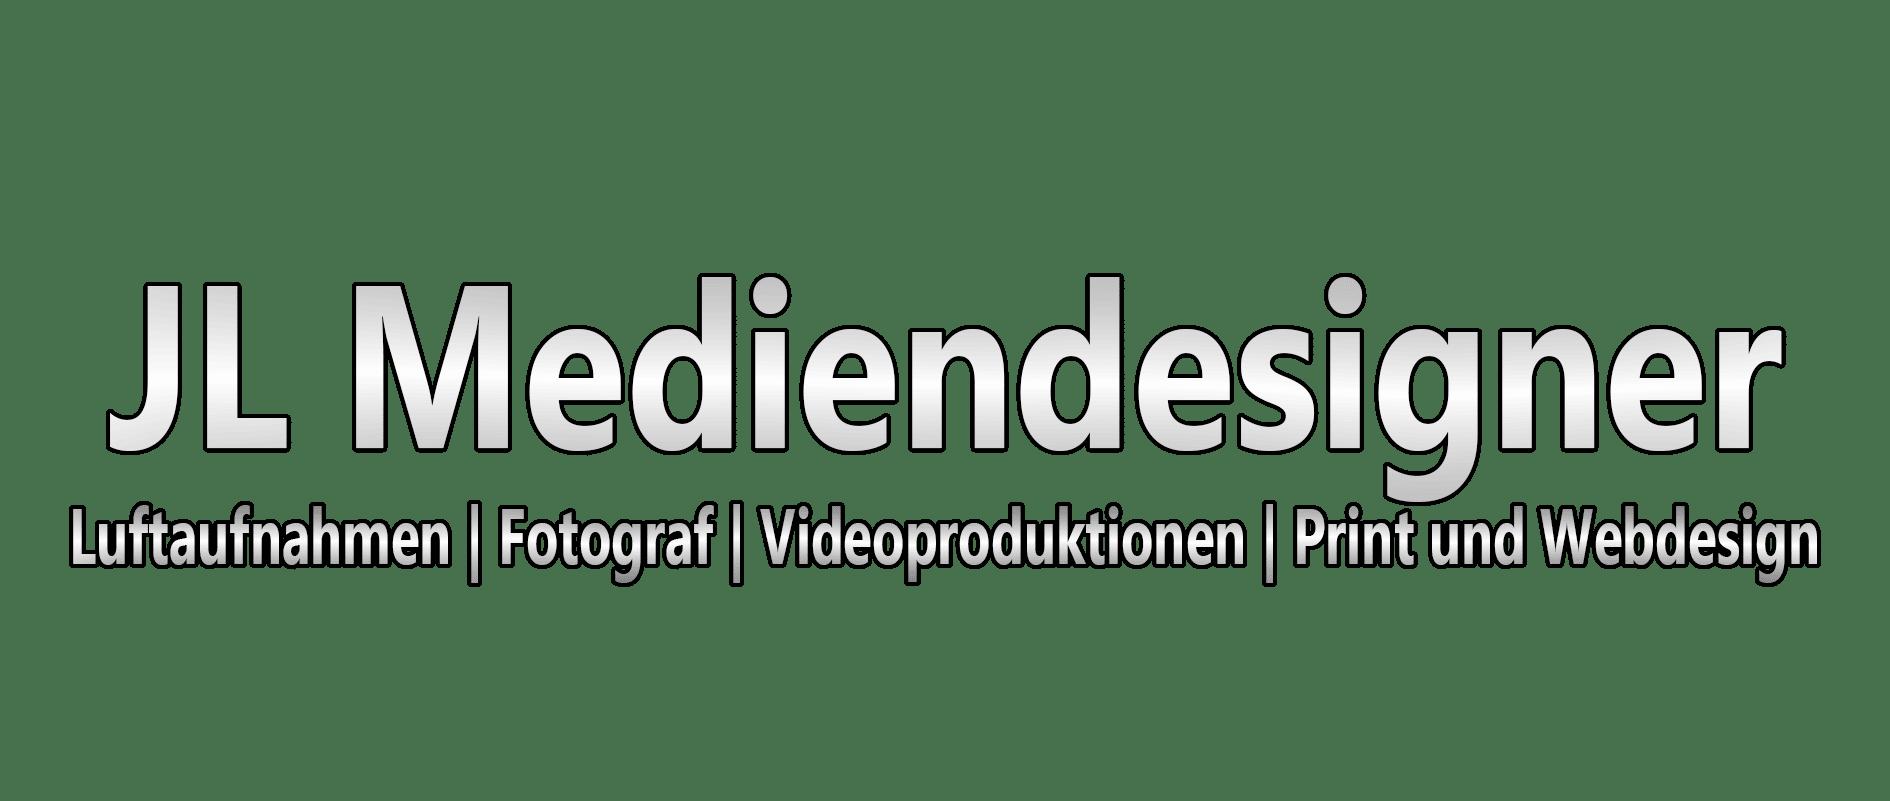 JL Mediendesigner